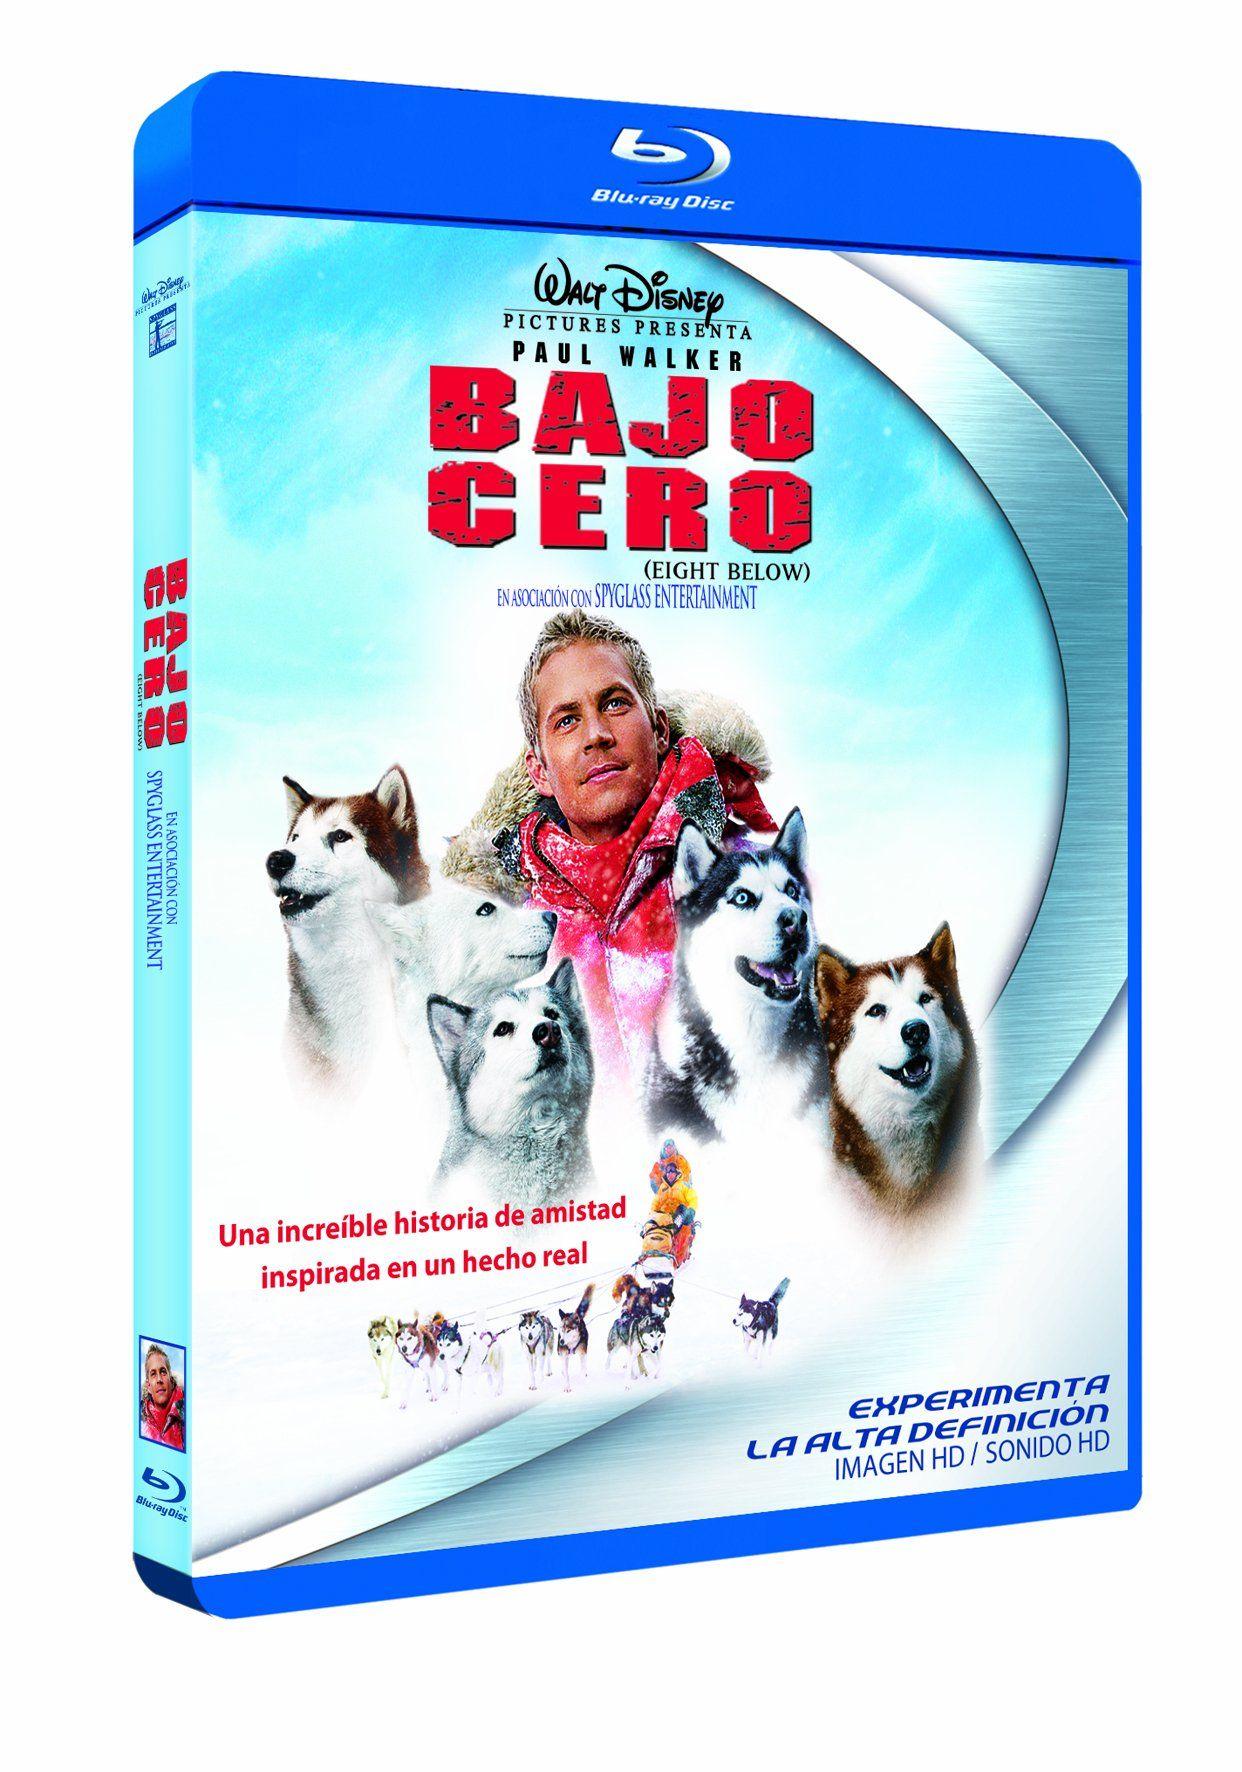 Bajo Cero Eight Below Blu Ray Cero Bajo Ray Blu Peliculas Gratis Peliculas Paul Walker